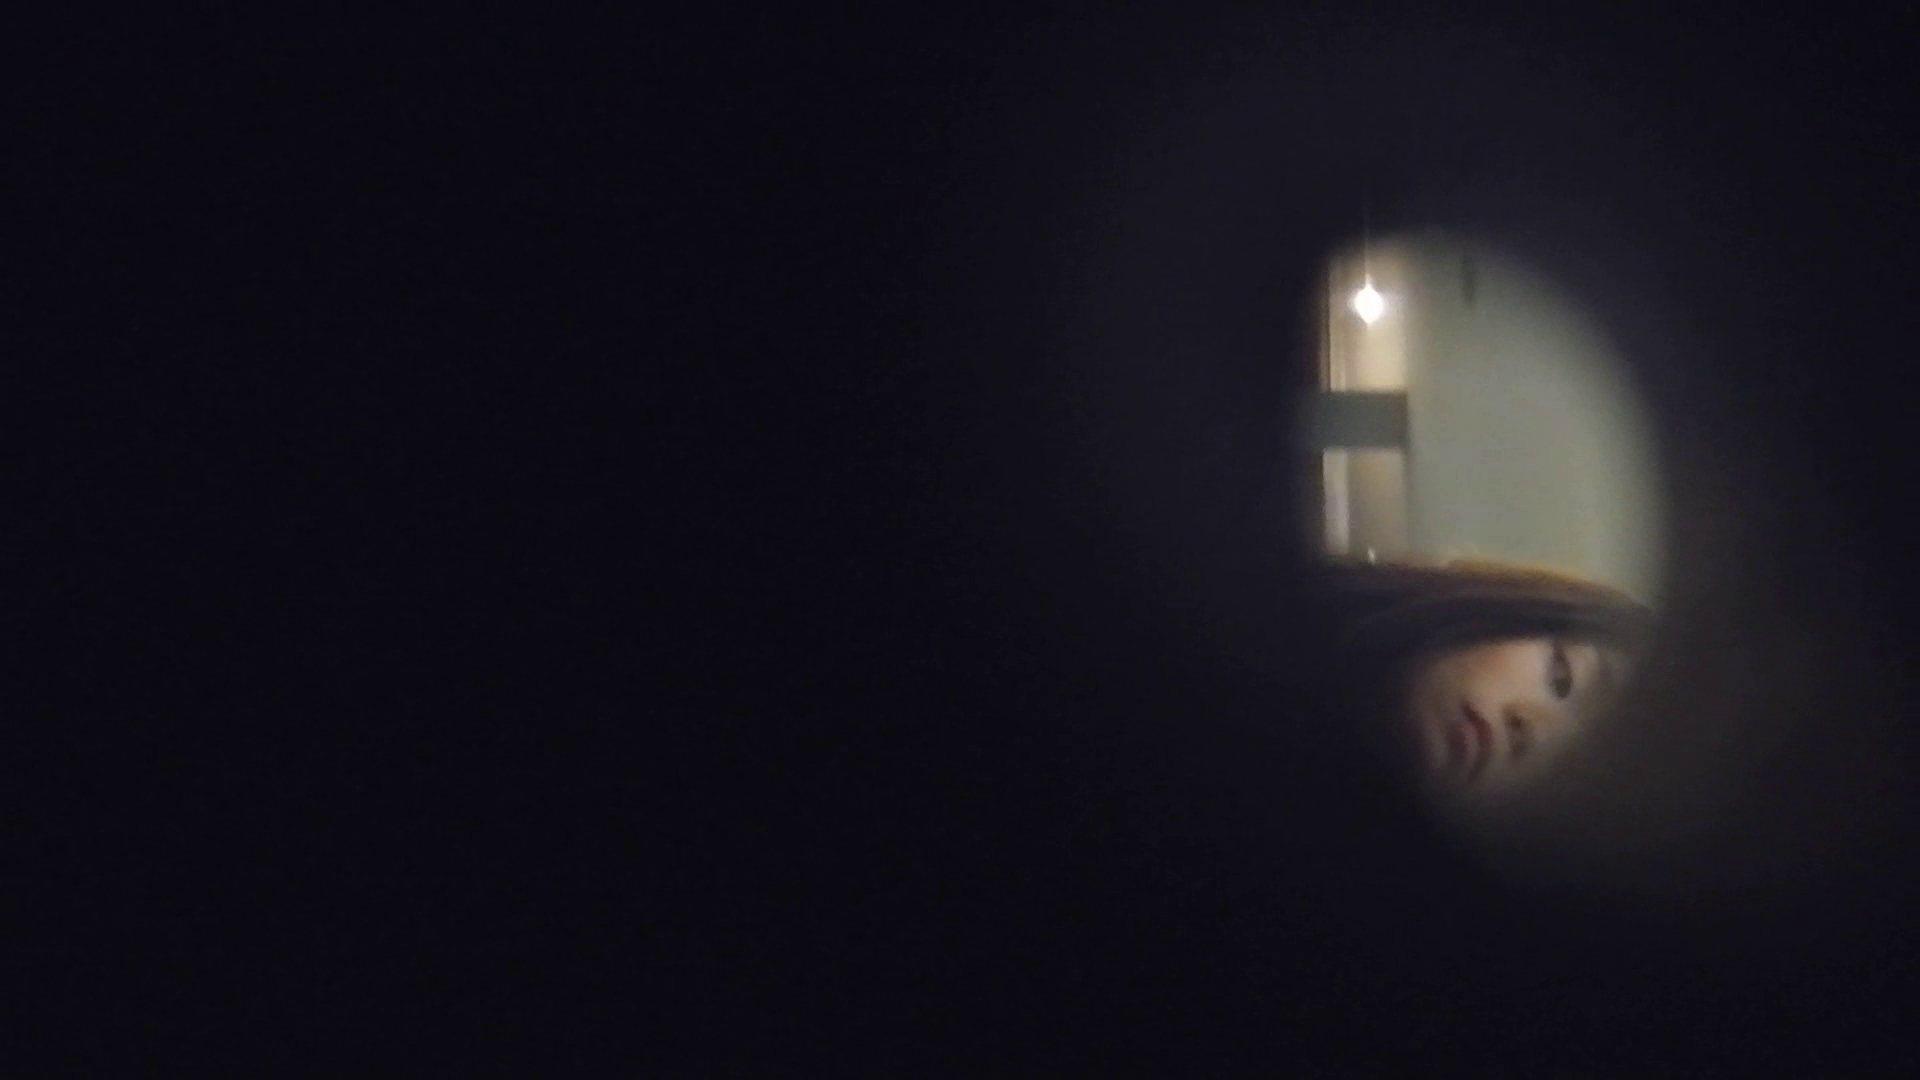 阿国ちゃんの「和式洋式七変化」No.17 洗面所   丸見えマンコ  95画像 73